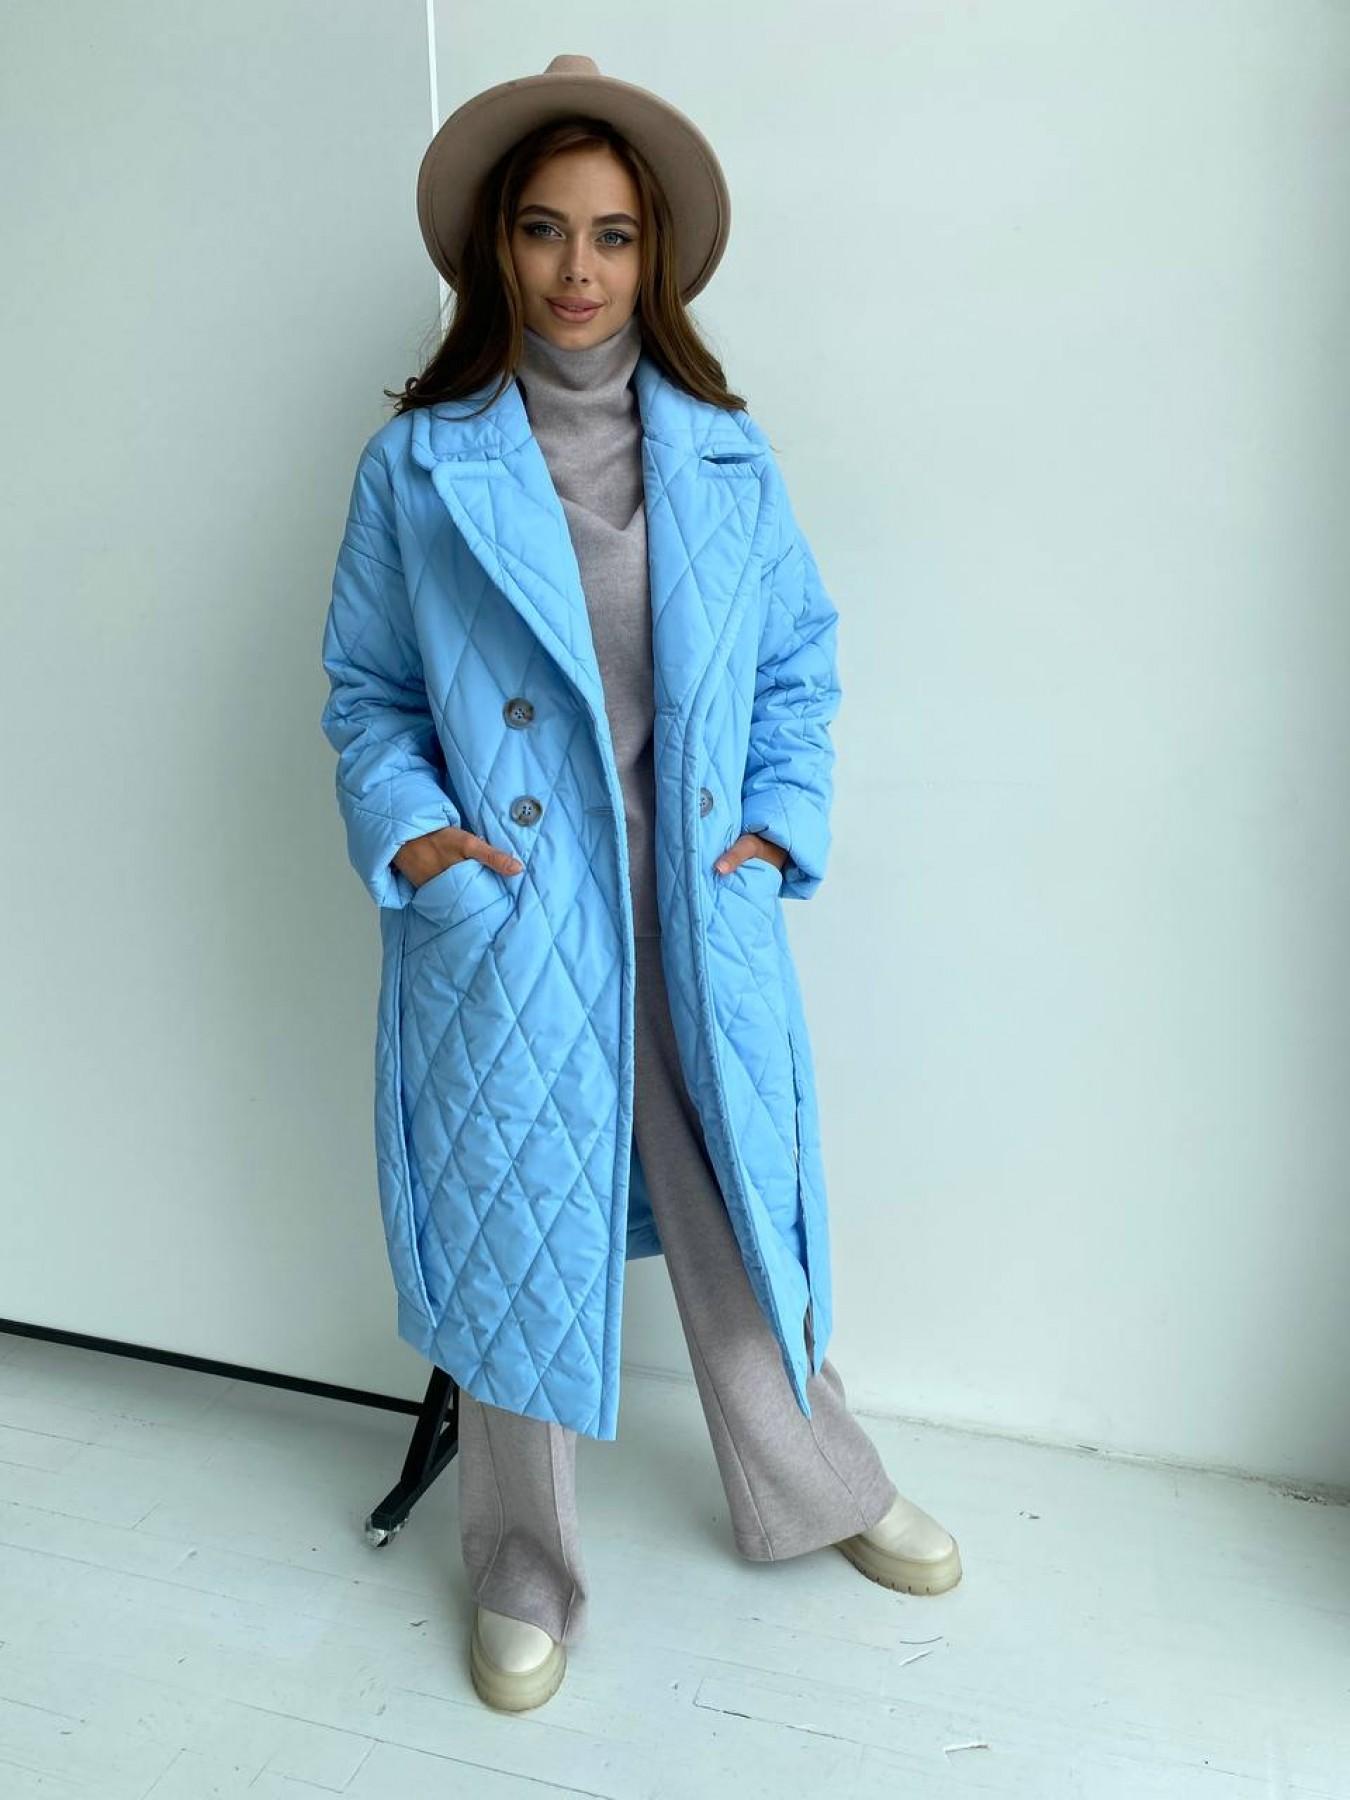 Хаски пальто из стеганой плащевки в ромб 11697 АРТ. 48491 Цвет: Голубой - фото 7, интернет магазин tm-modus.ru